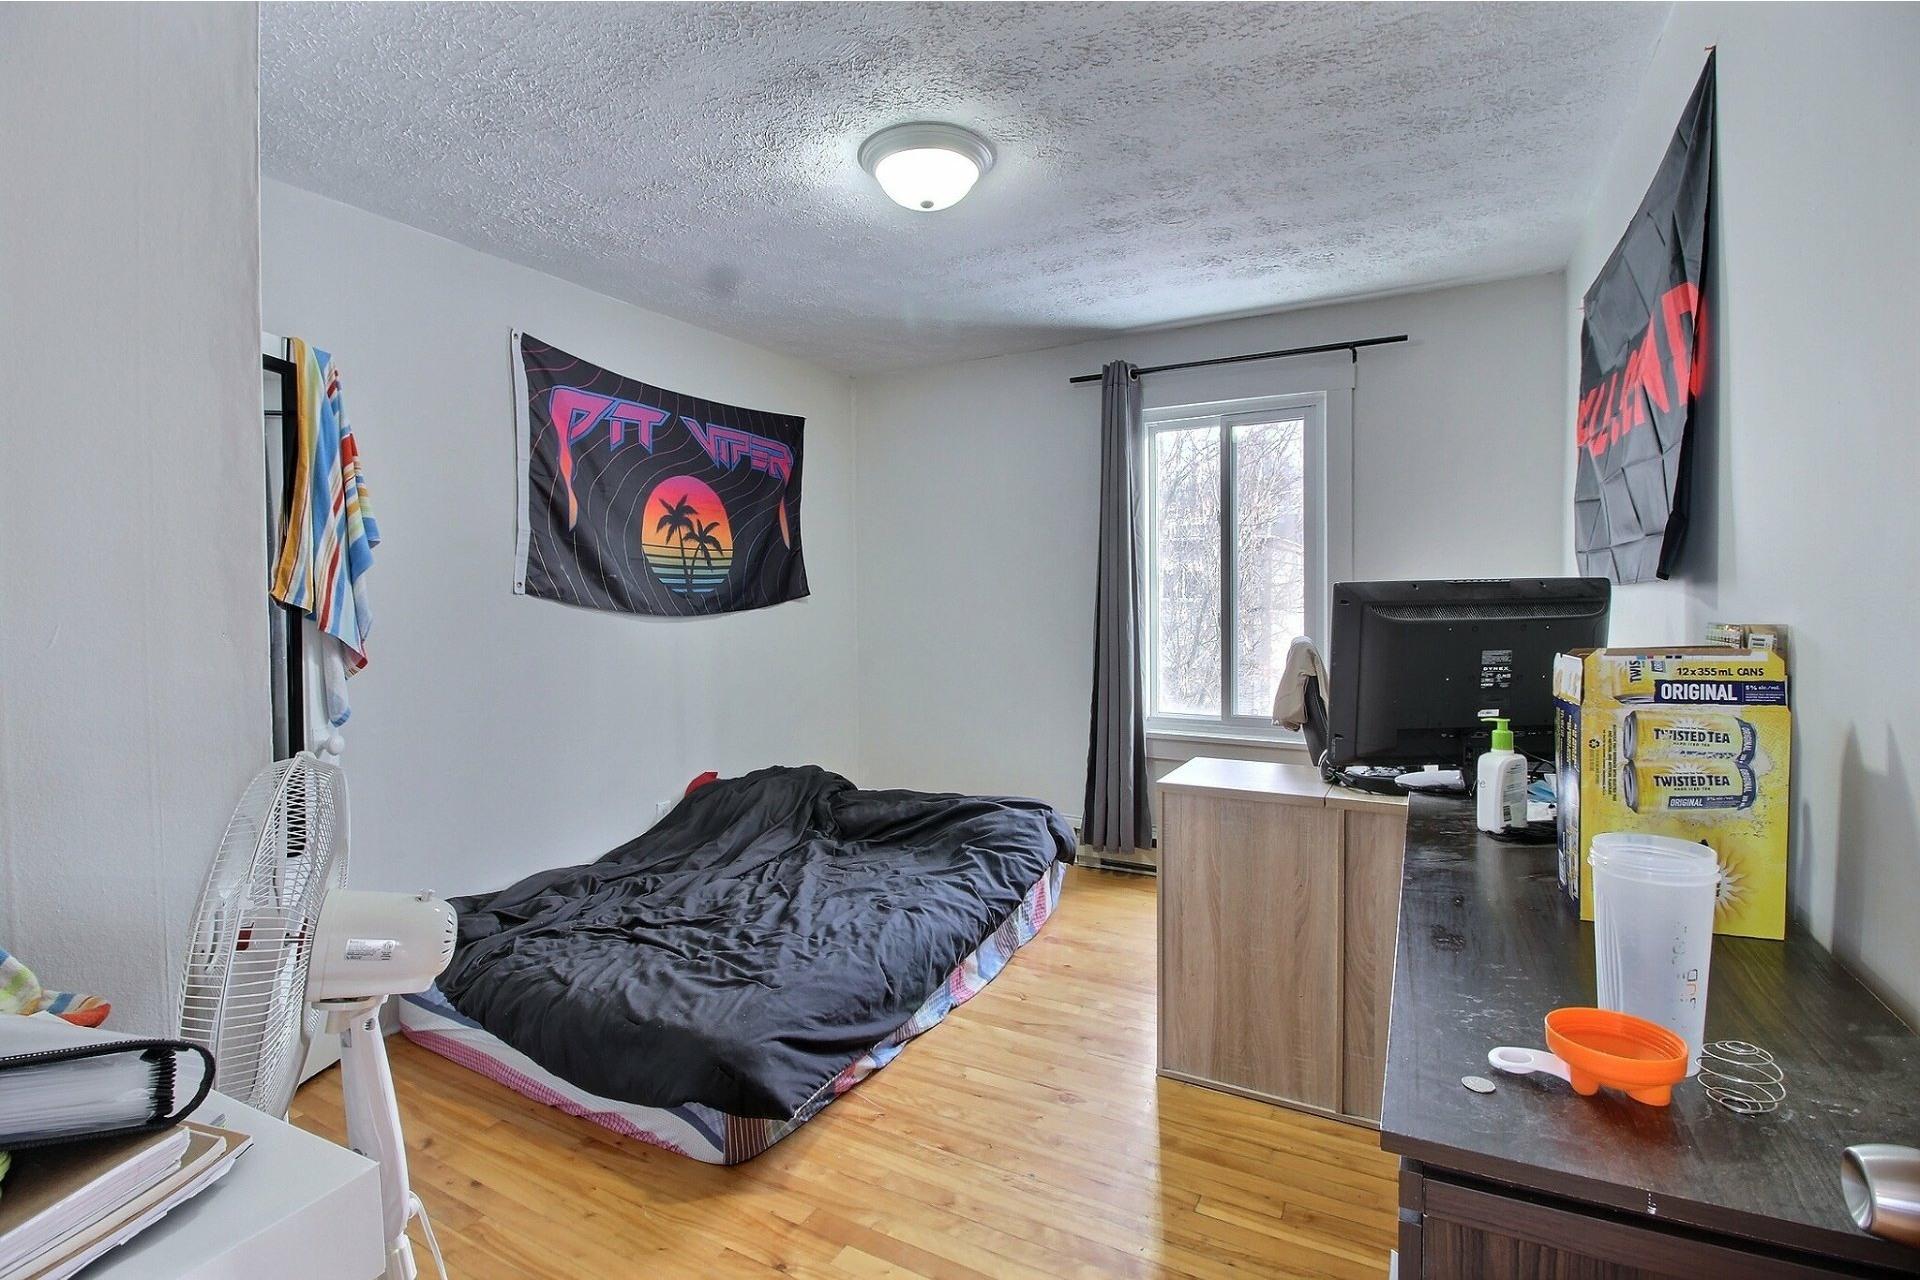 image 20 - Duplex À vendre Fleurimont Sherbrooke  - 4 pièces